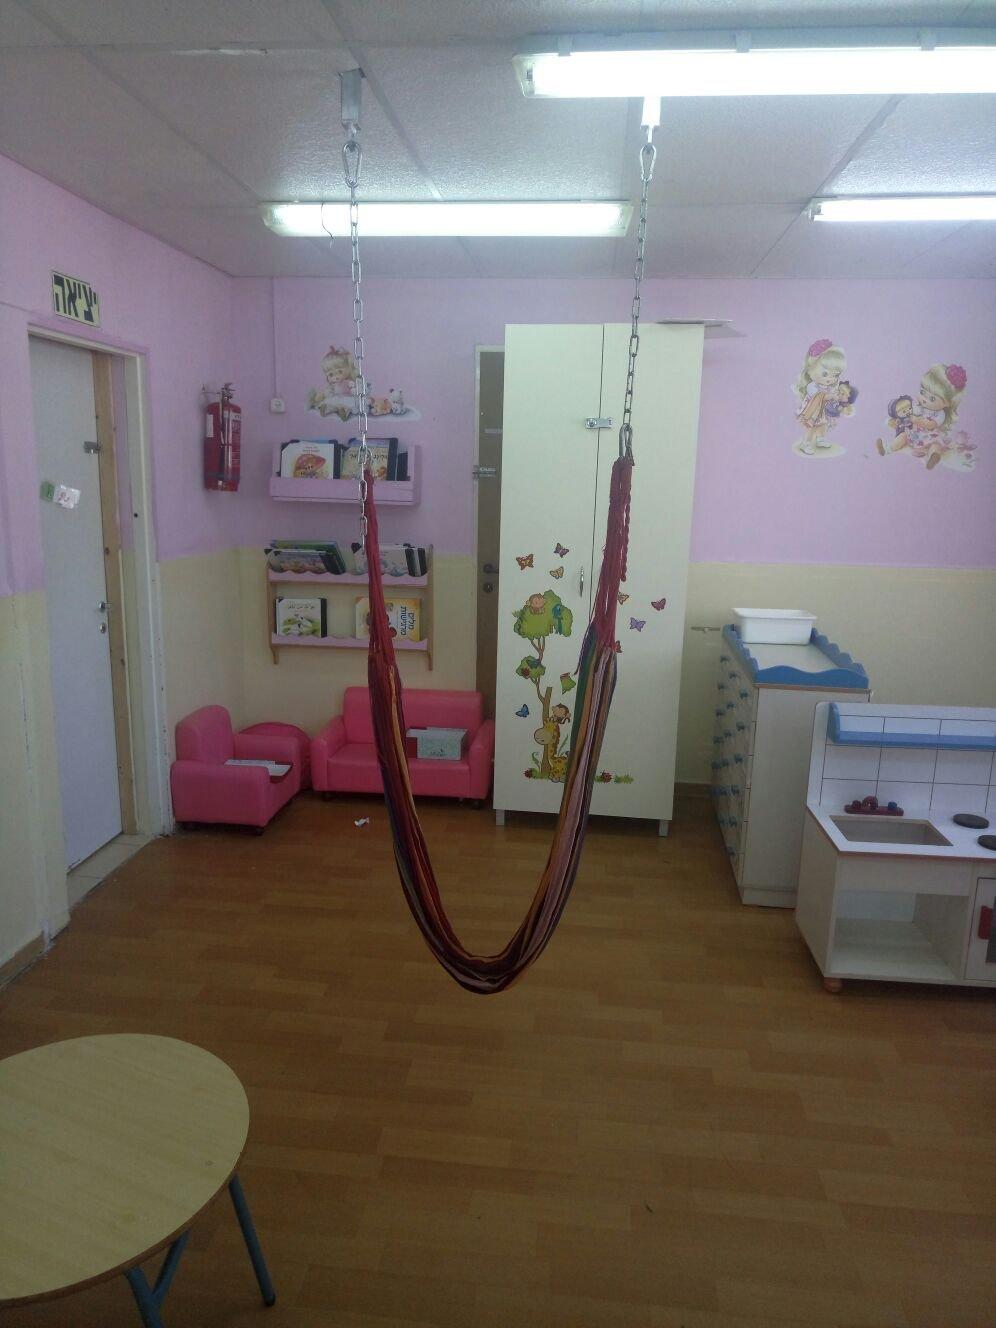 الحذر...التفاف حبال ارجوحة حول عنق طفلة داخل روضة